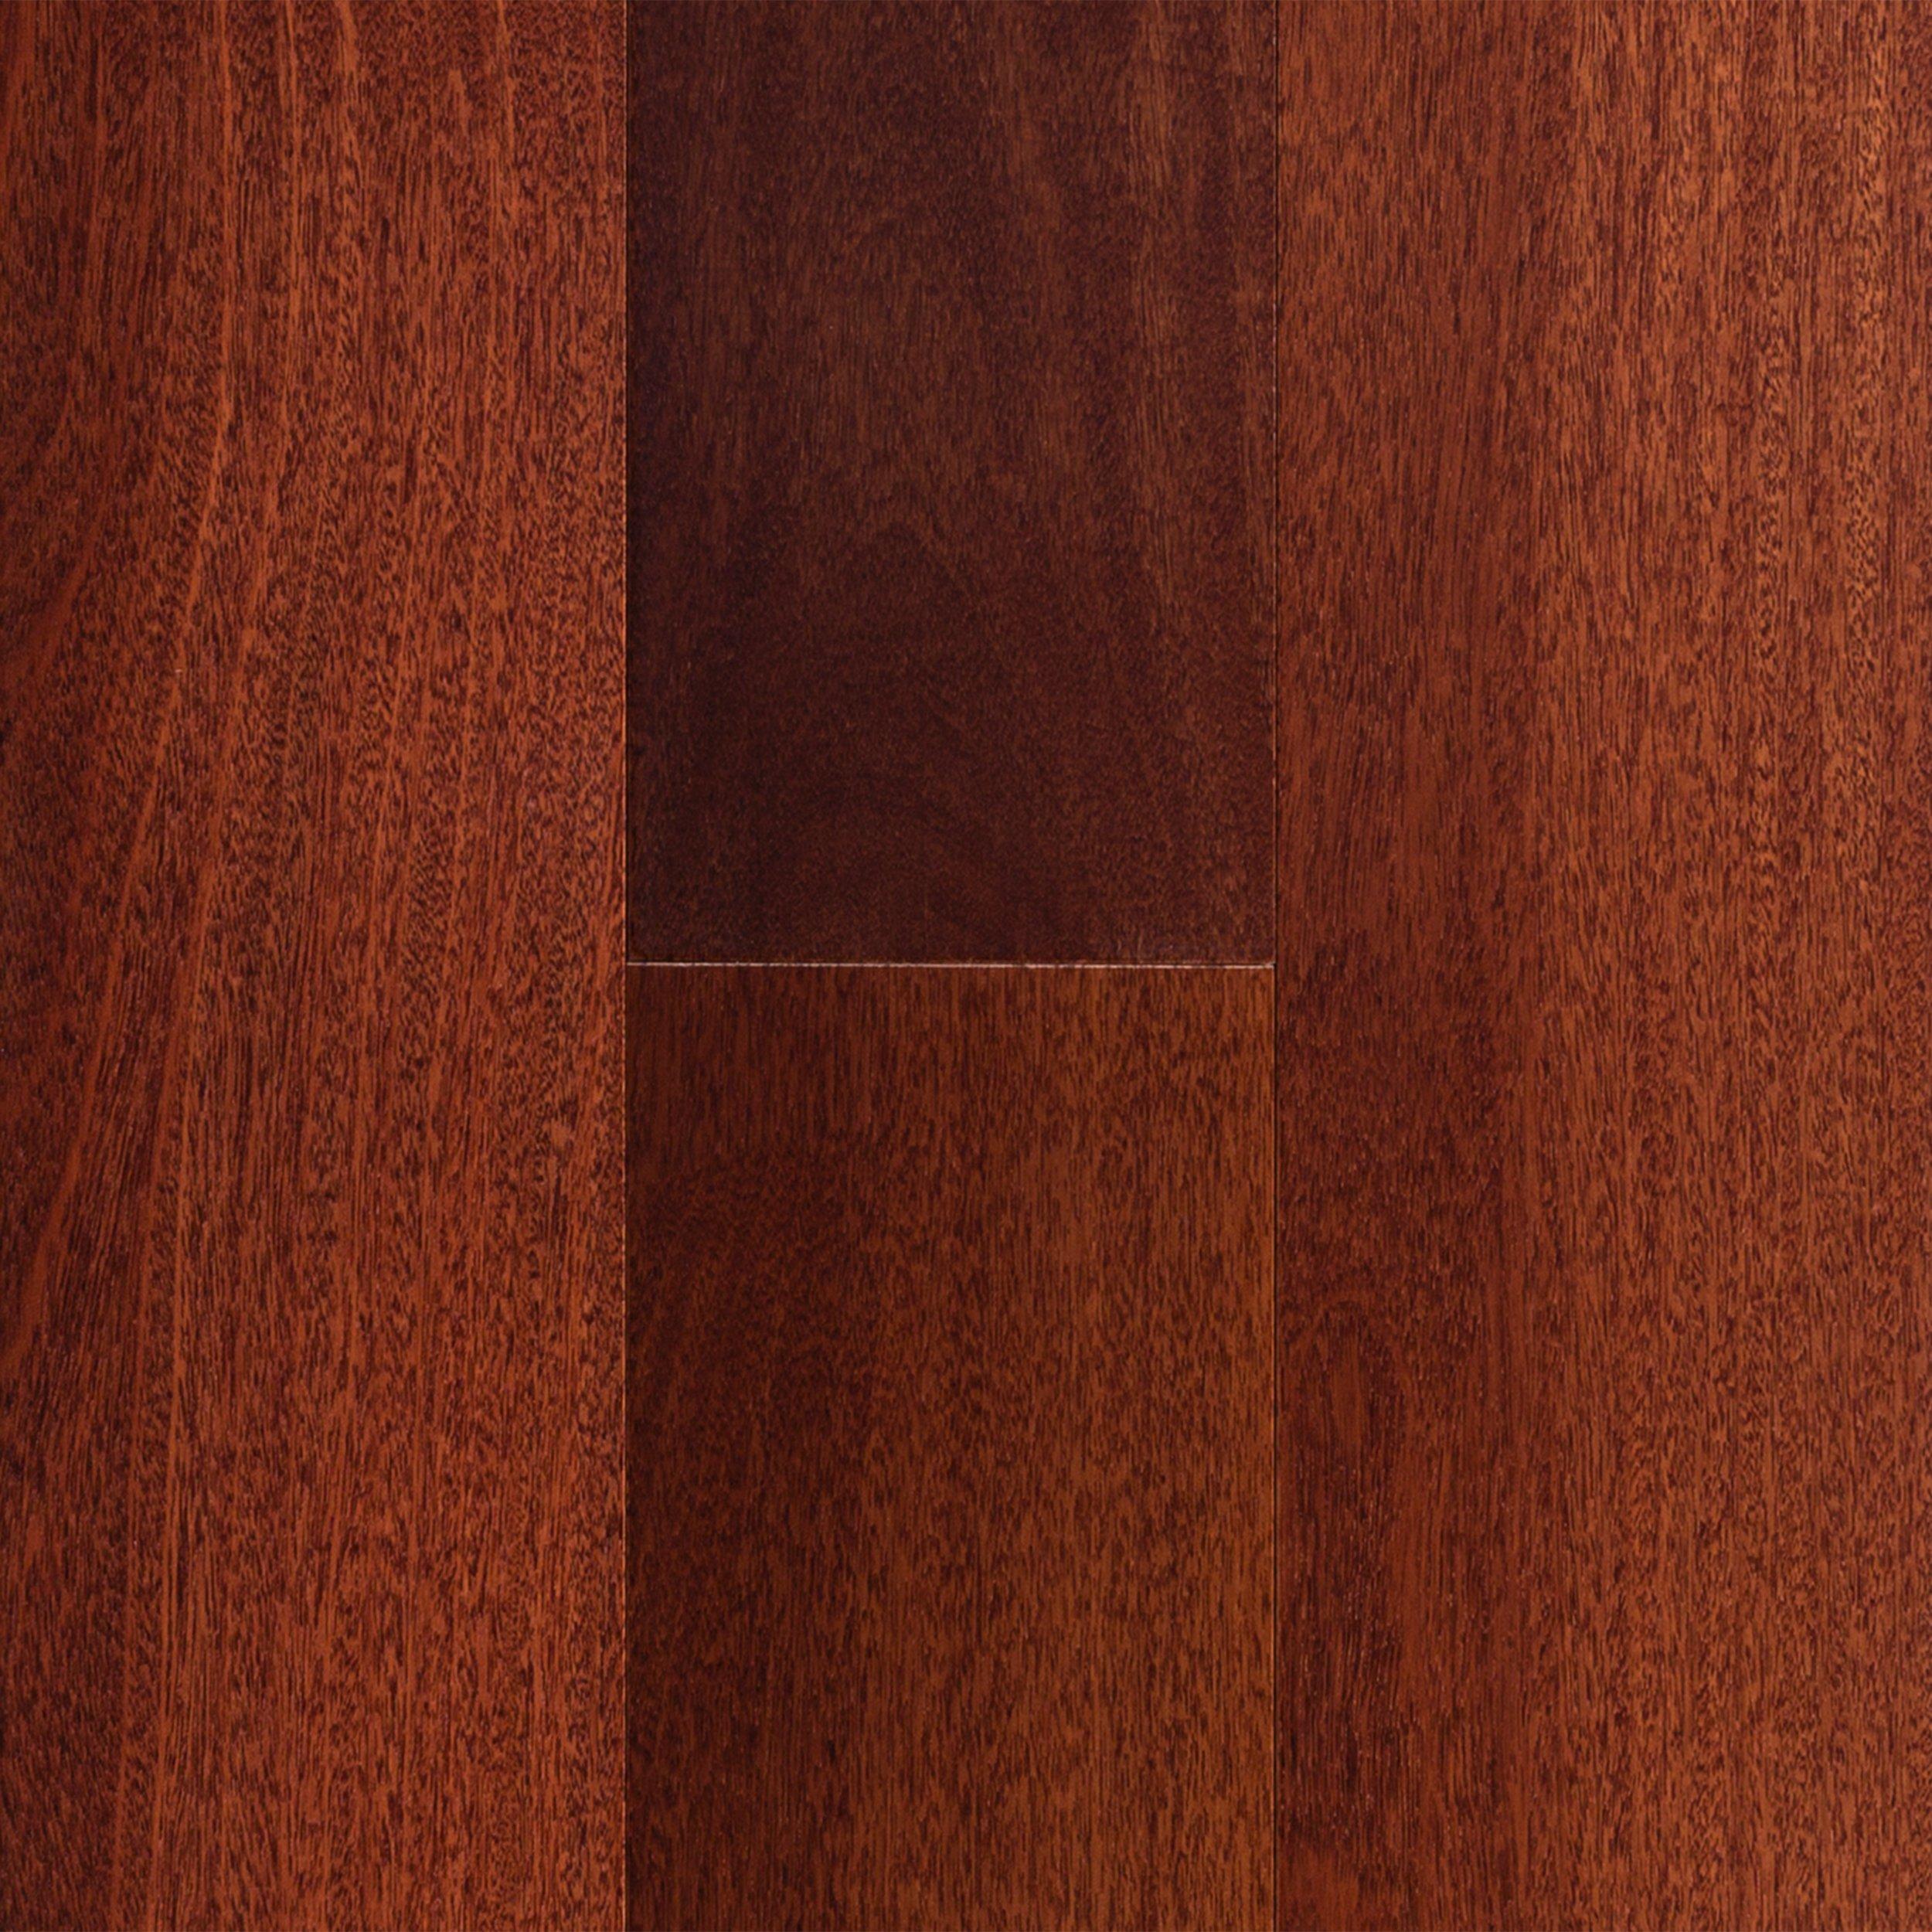 Santos Brazilian Mahogany Smooth Engineered Hardwood   1/2in. X 5in.    100119445   Floor And Decor